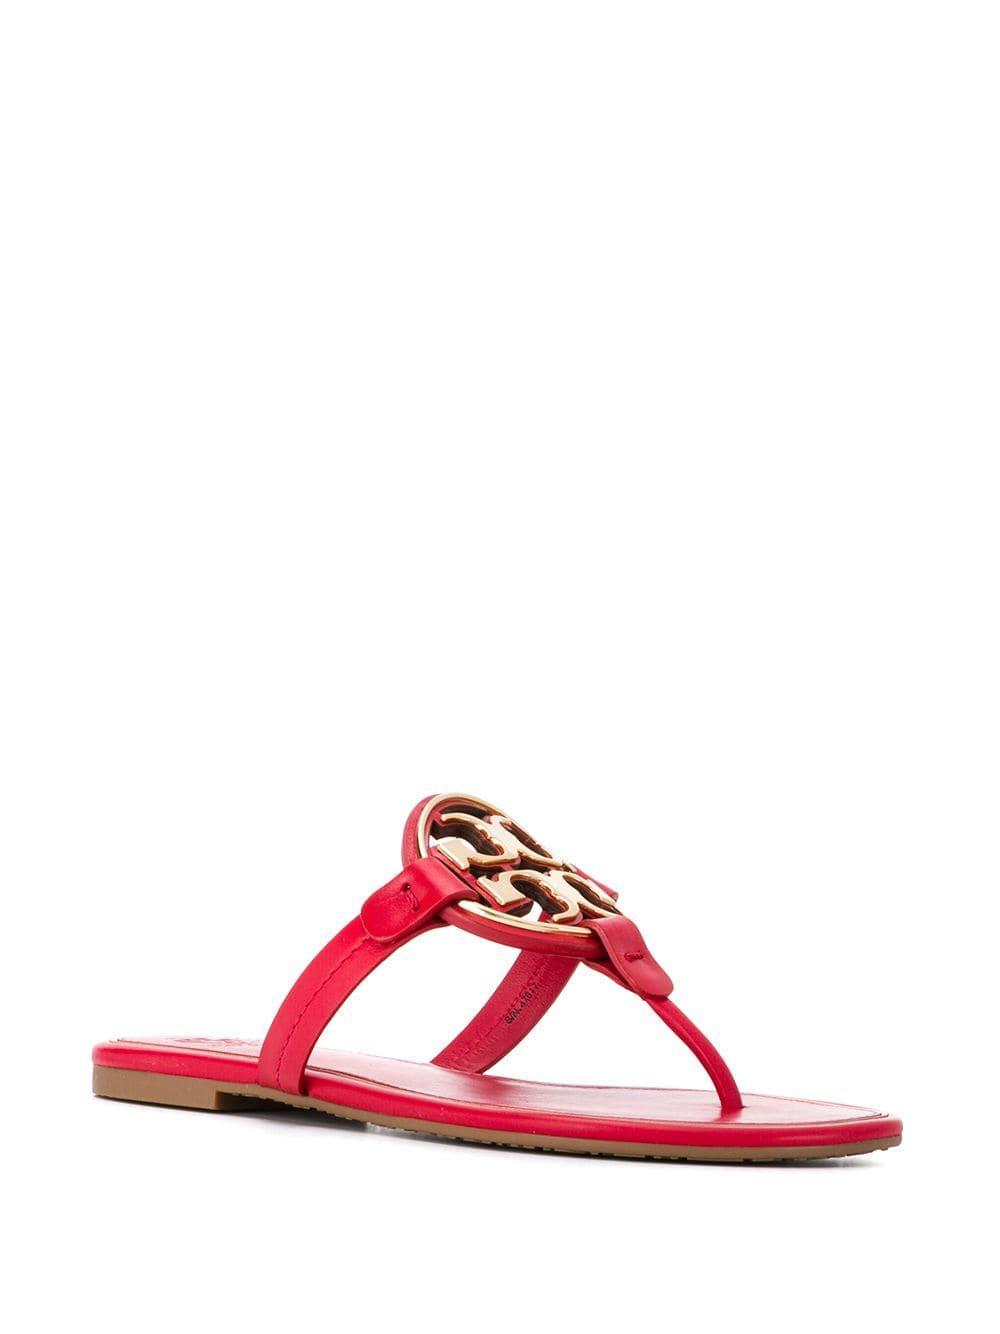 9e289c170 Tory Burch - Red Miller Sandals - Lyst. View fullscreen